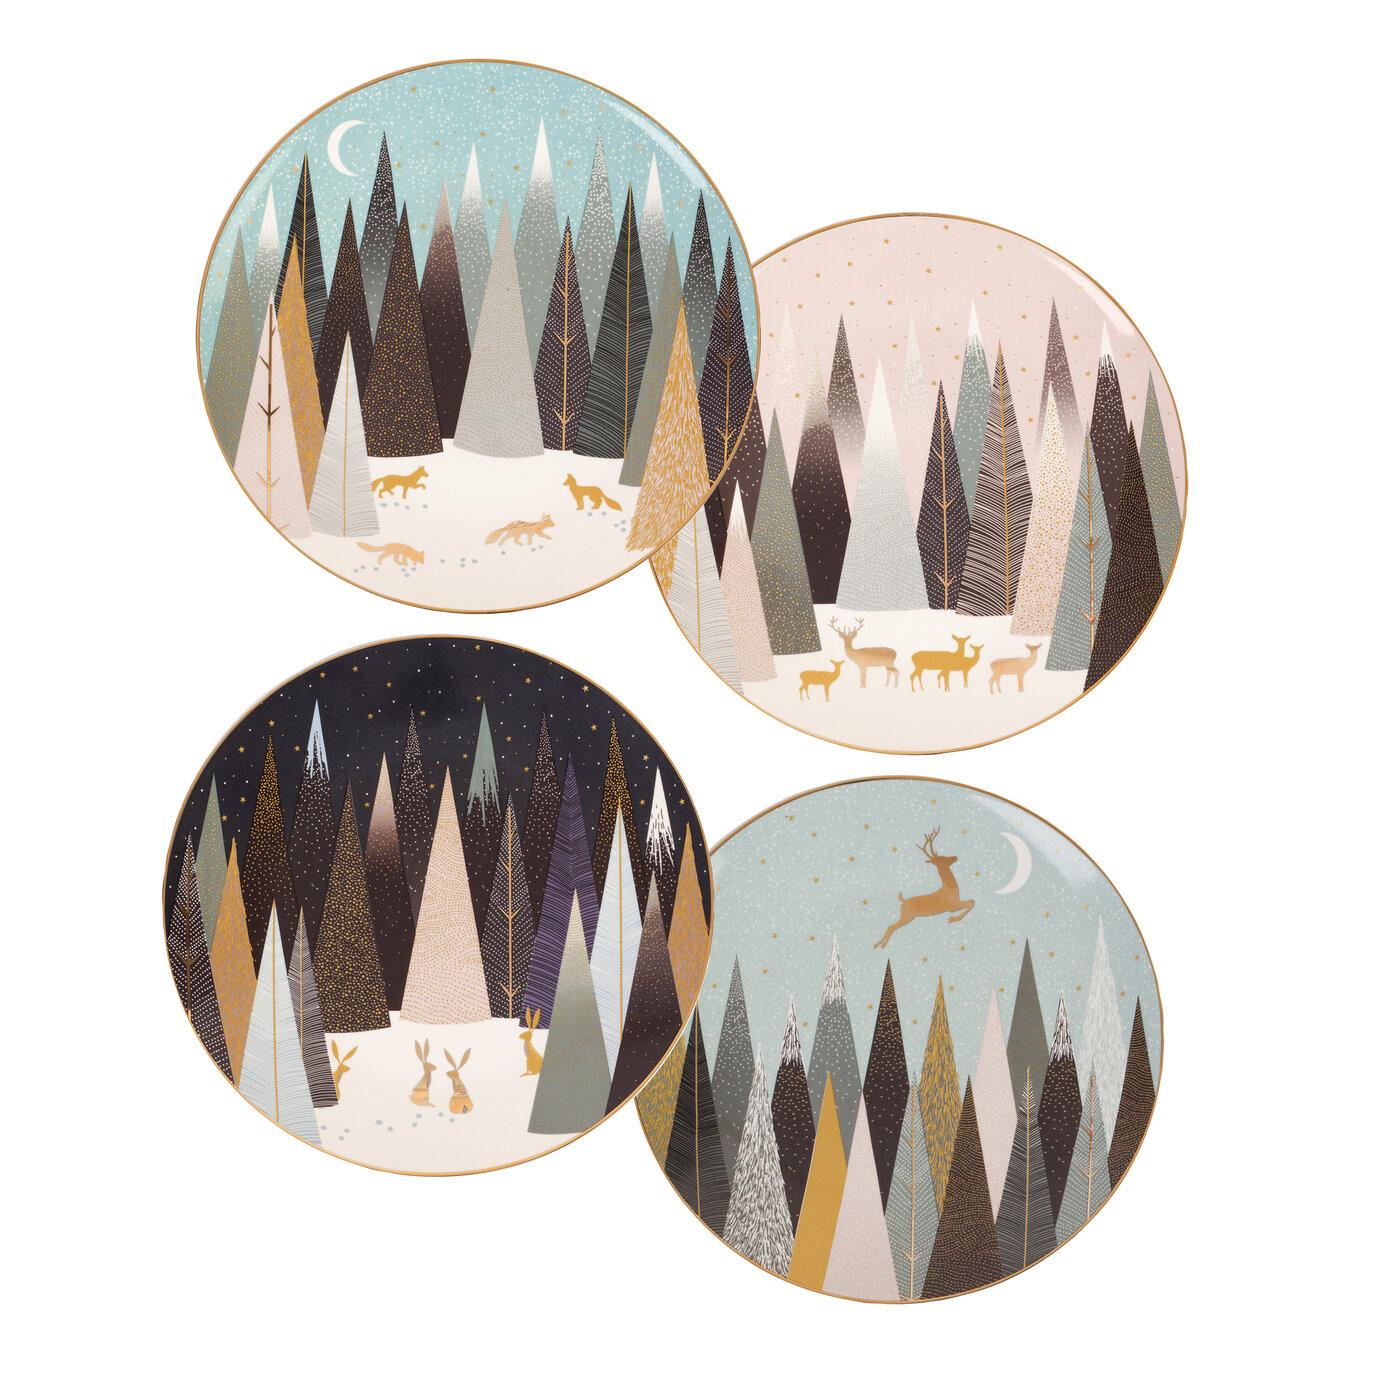 포트메리온 '사라 밀러 런던 프로스티드 파인즈' 디저트 접시 4개 세트 Sara Miller London for Portmeirion Frosted Pines Dessert Plates Set of 4